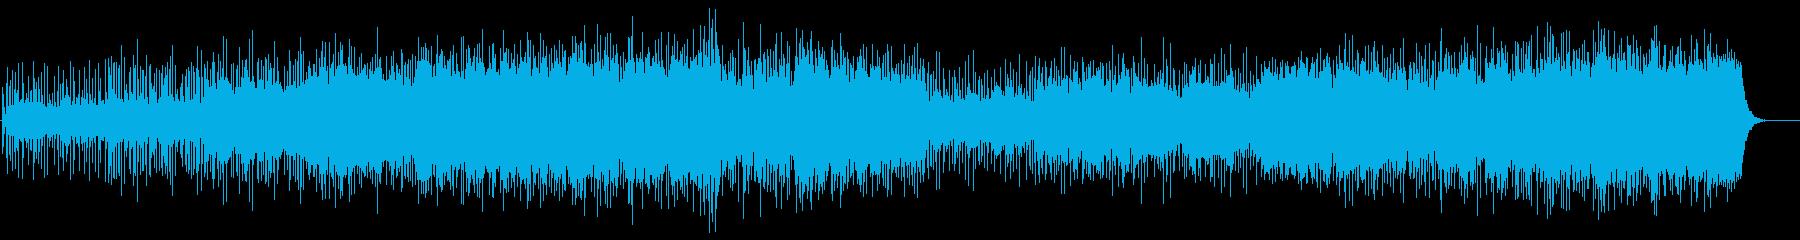 紀行向けBGM(遥かなる大地)の再生済みの波形